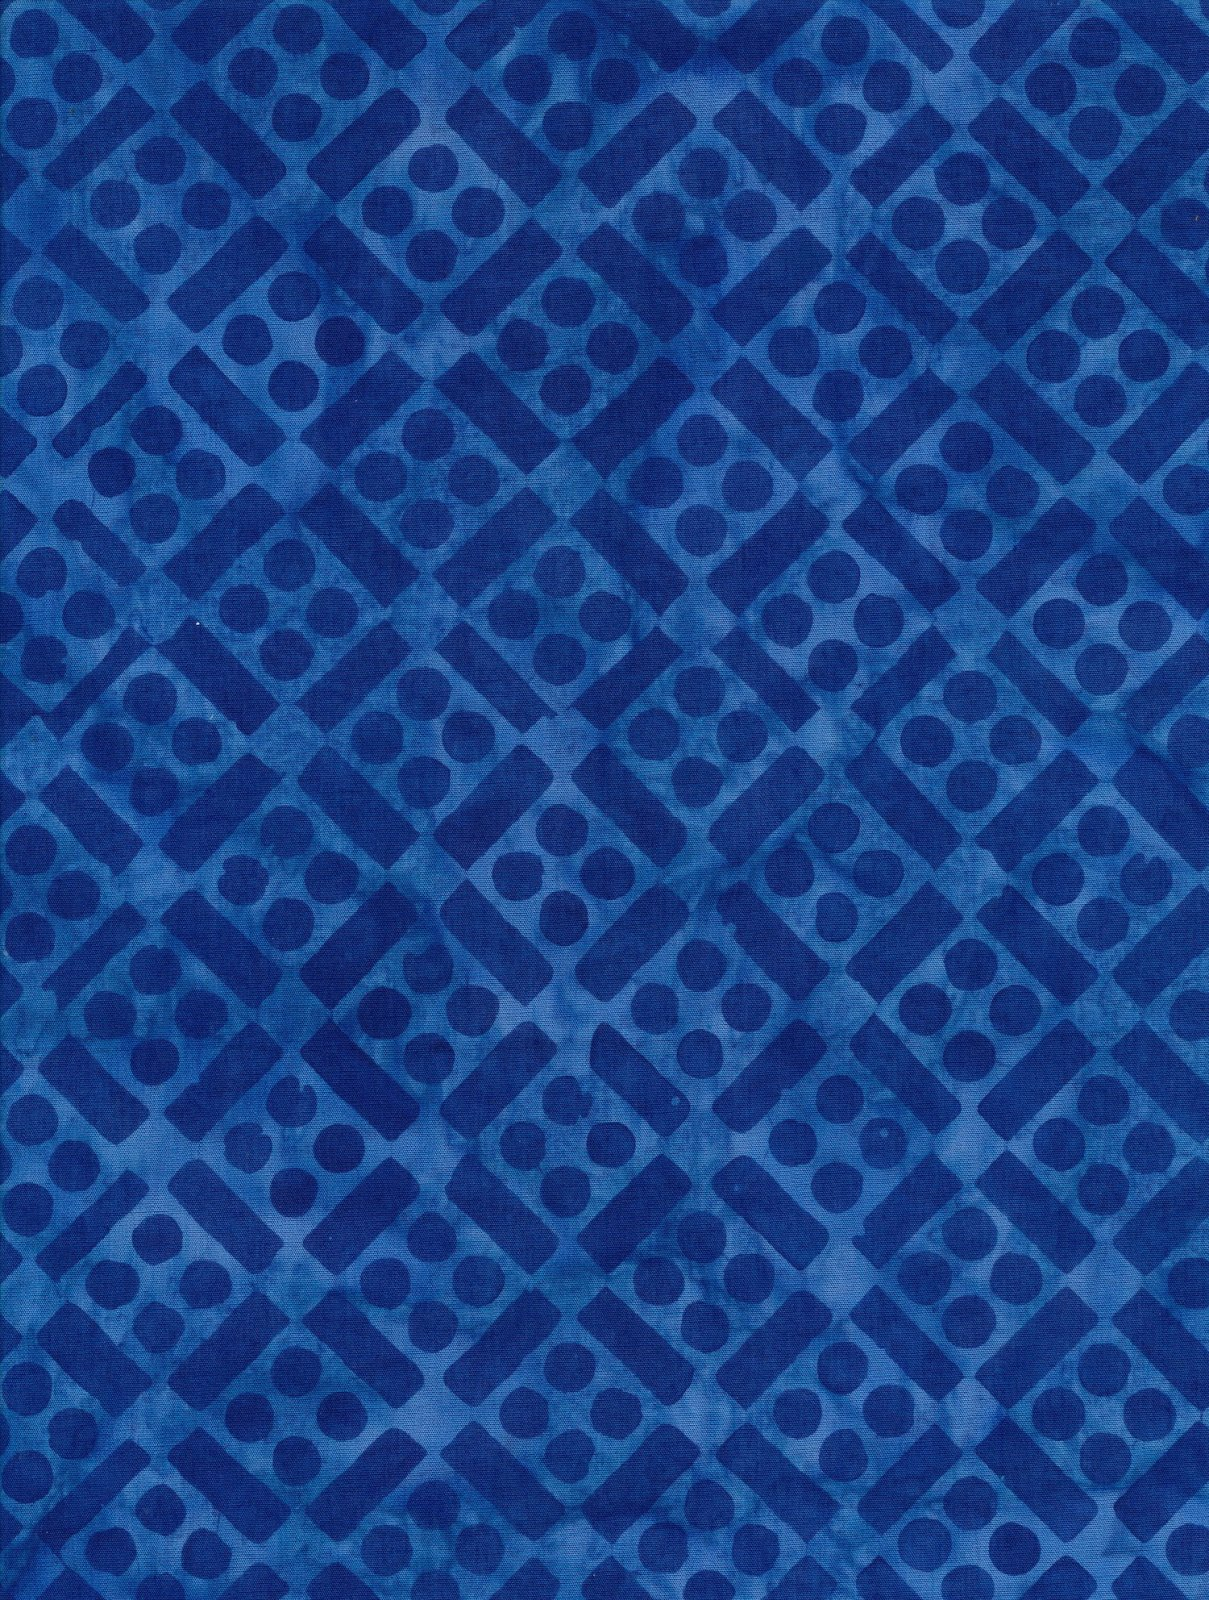 Lake Day Batik Blue 648